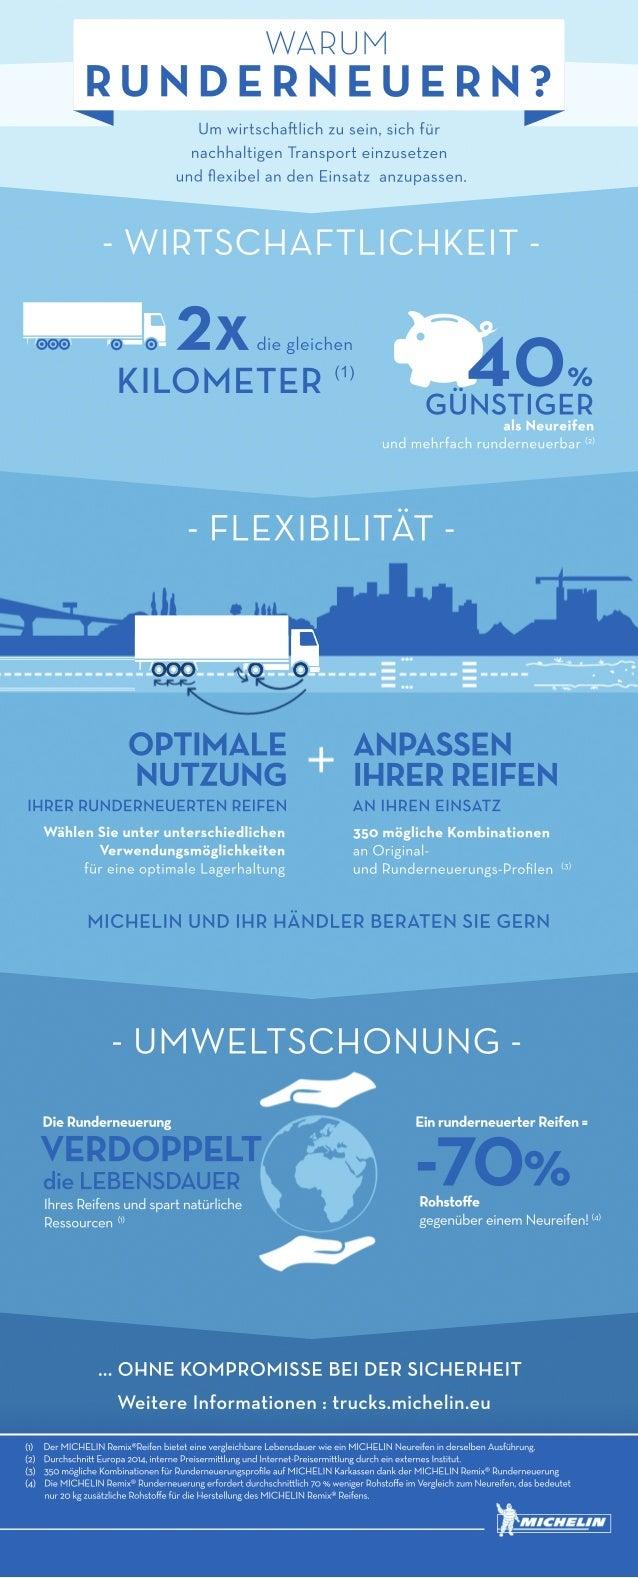 OHNEKOMPROMISSEBEIDERSICHERHEIT WeitereInformationen:trucks.michelin.eu undmehrfachrunderneuerbar(2) aluNewreifen GÜNSTIGE...